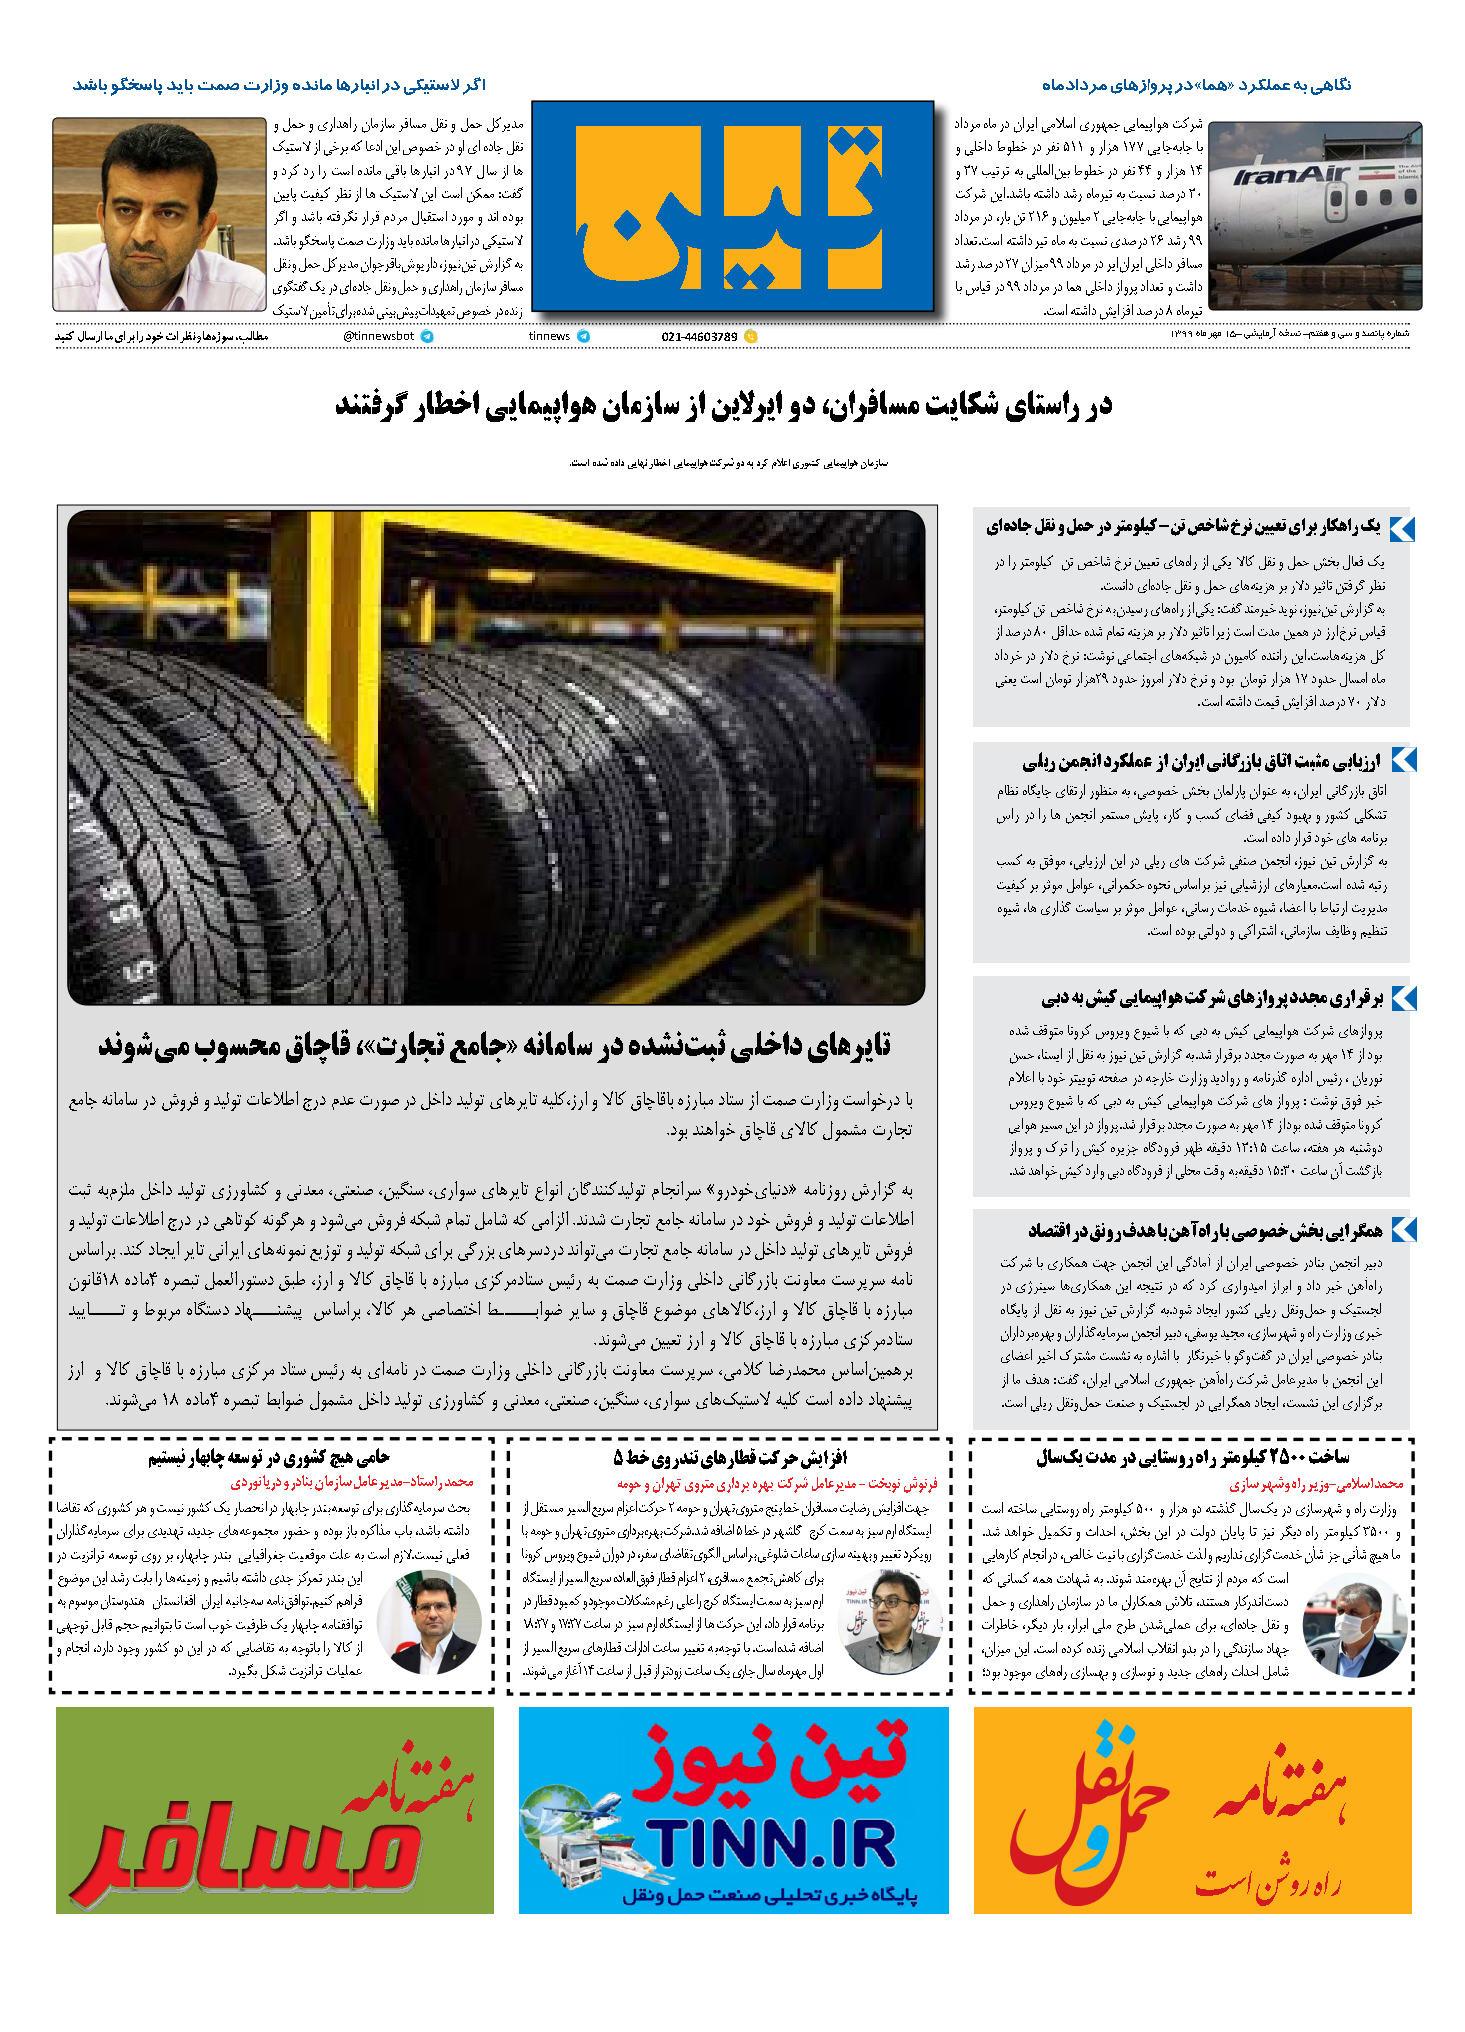 روزنامه الکترونیک 15 مهر ماه 99